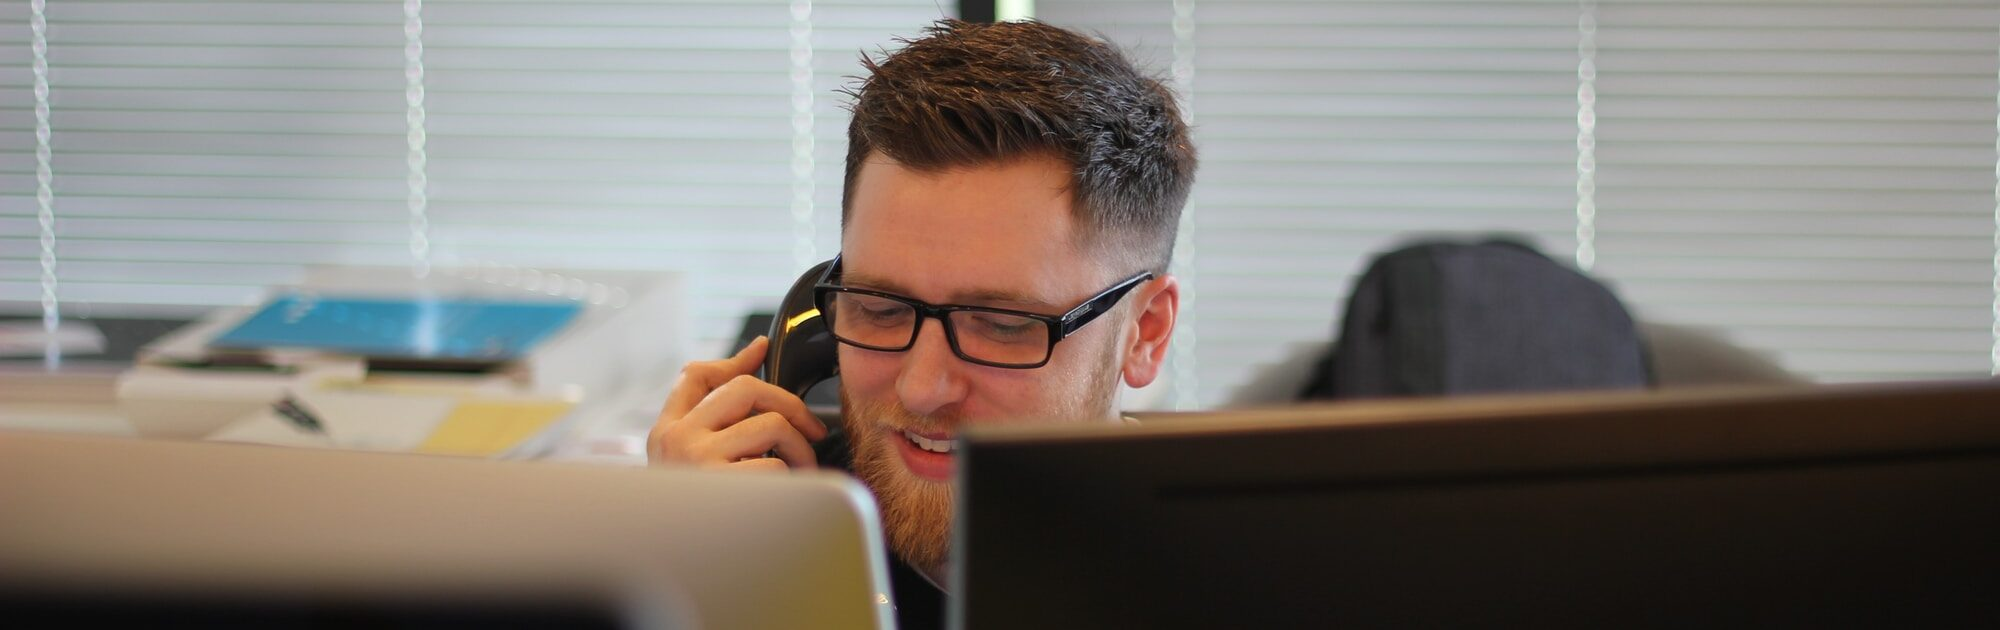 So wählen Sie die richtige VoIP-Lösung für Ihr KMU